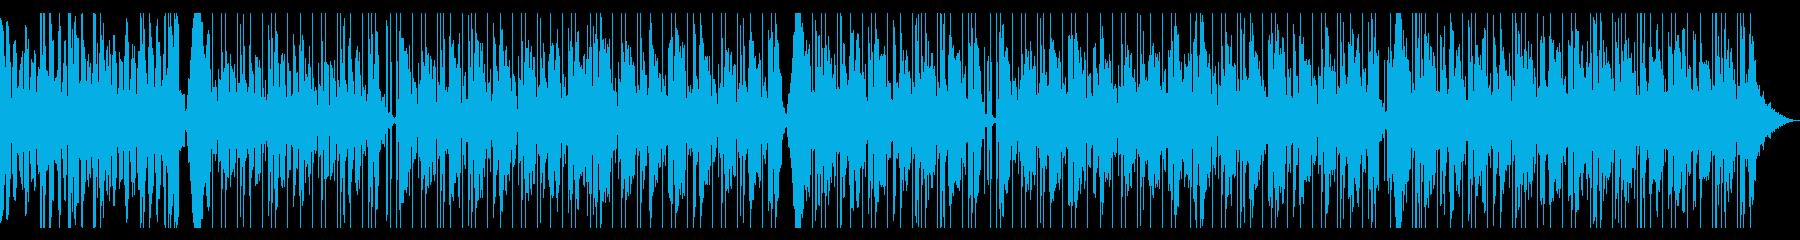 神秘的で科学的な浮遊するシンセサウンドの再生済みの波形